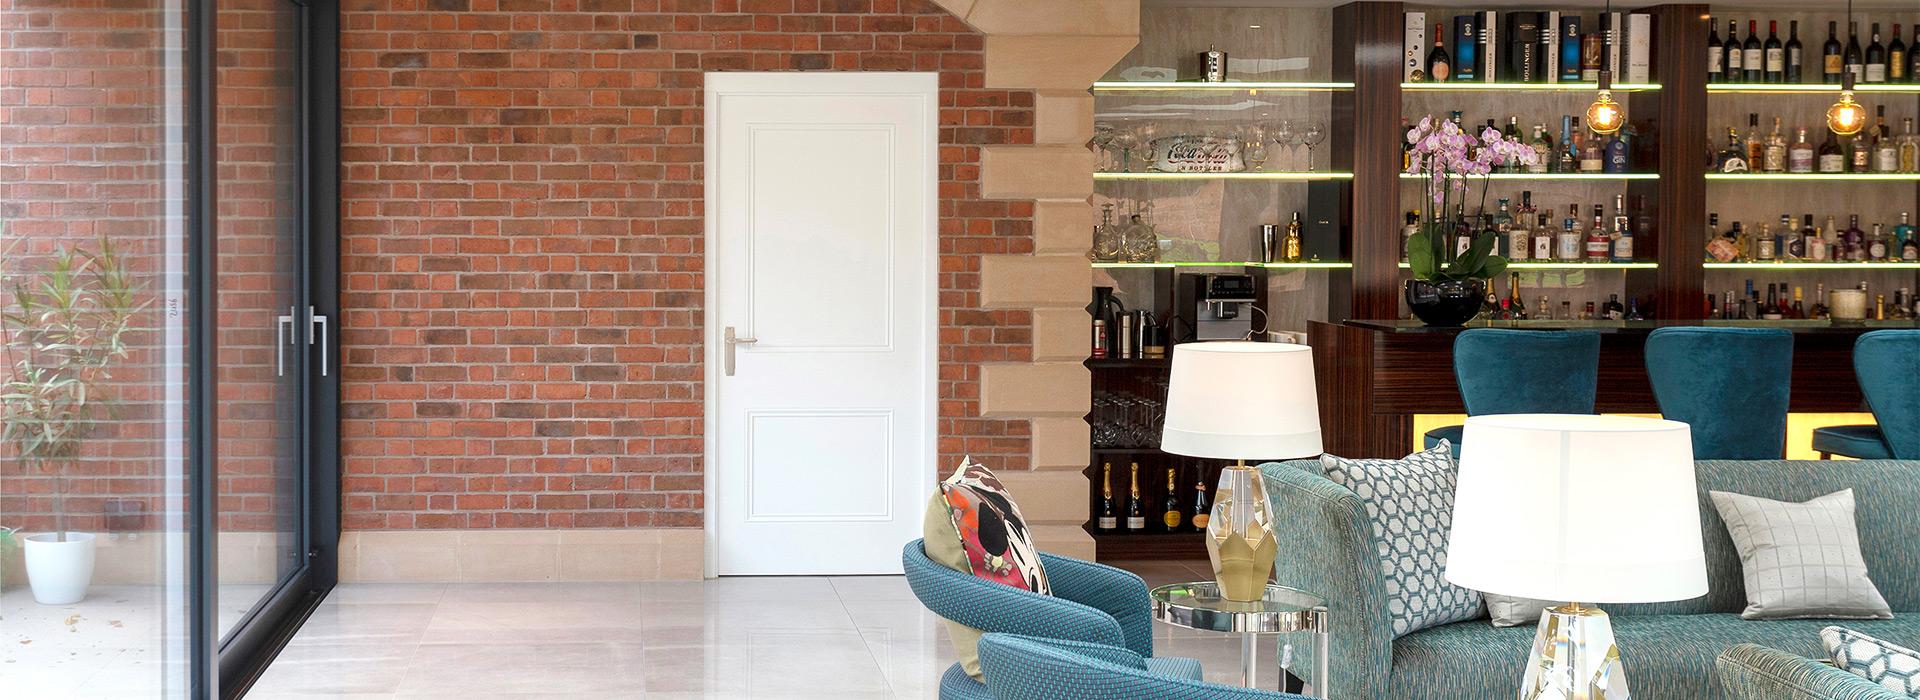 Luxury White Panelled Door